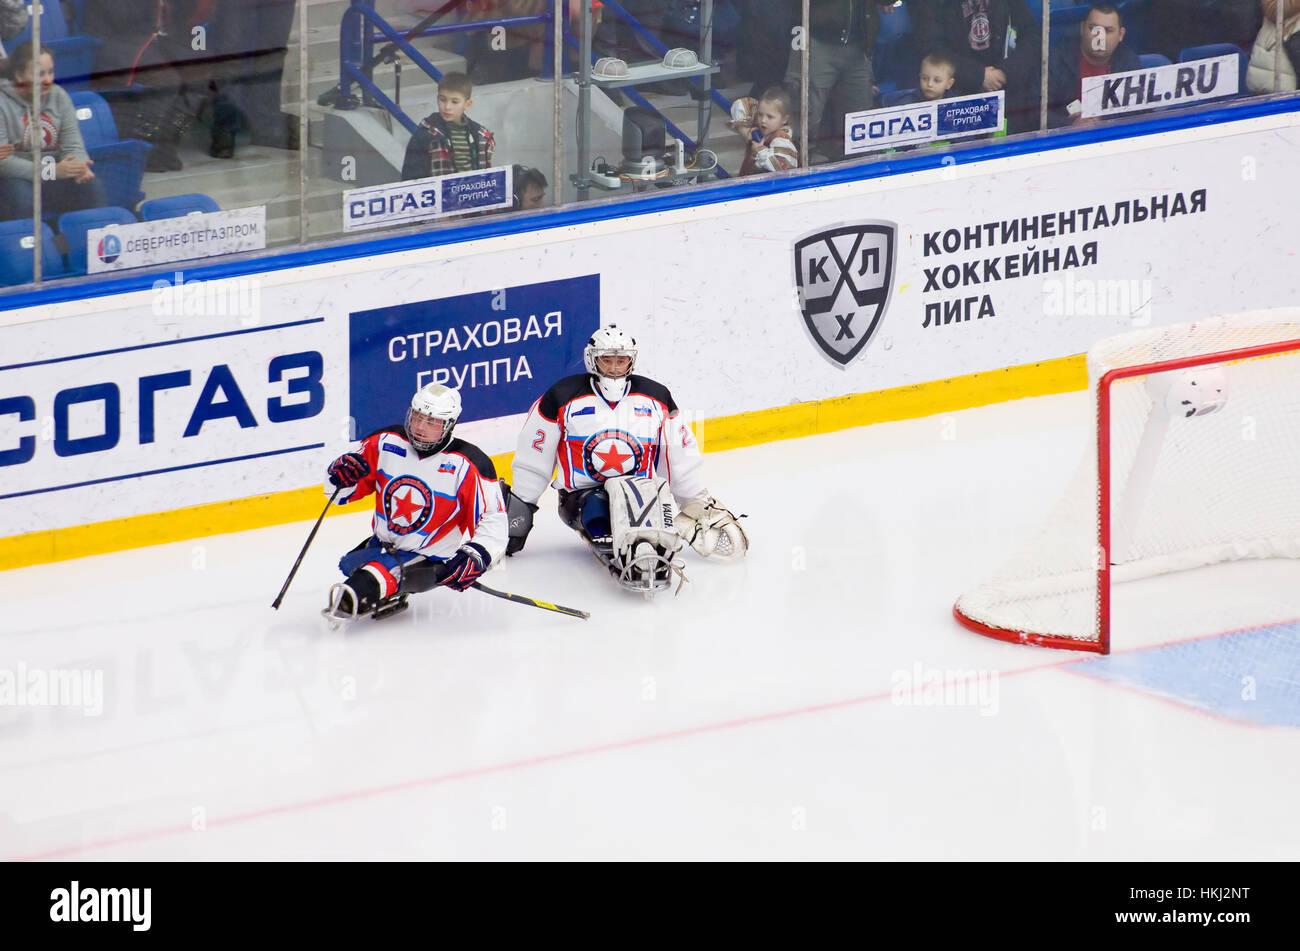 PODOLSK, Russland - 14. Januar 2017: Zwei unbekannte Spieler des Ladoga (blau) Team von Sledge Hockey während Spiel Stockfoto